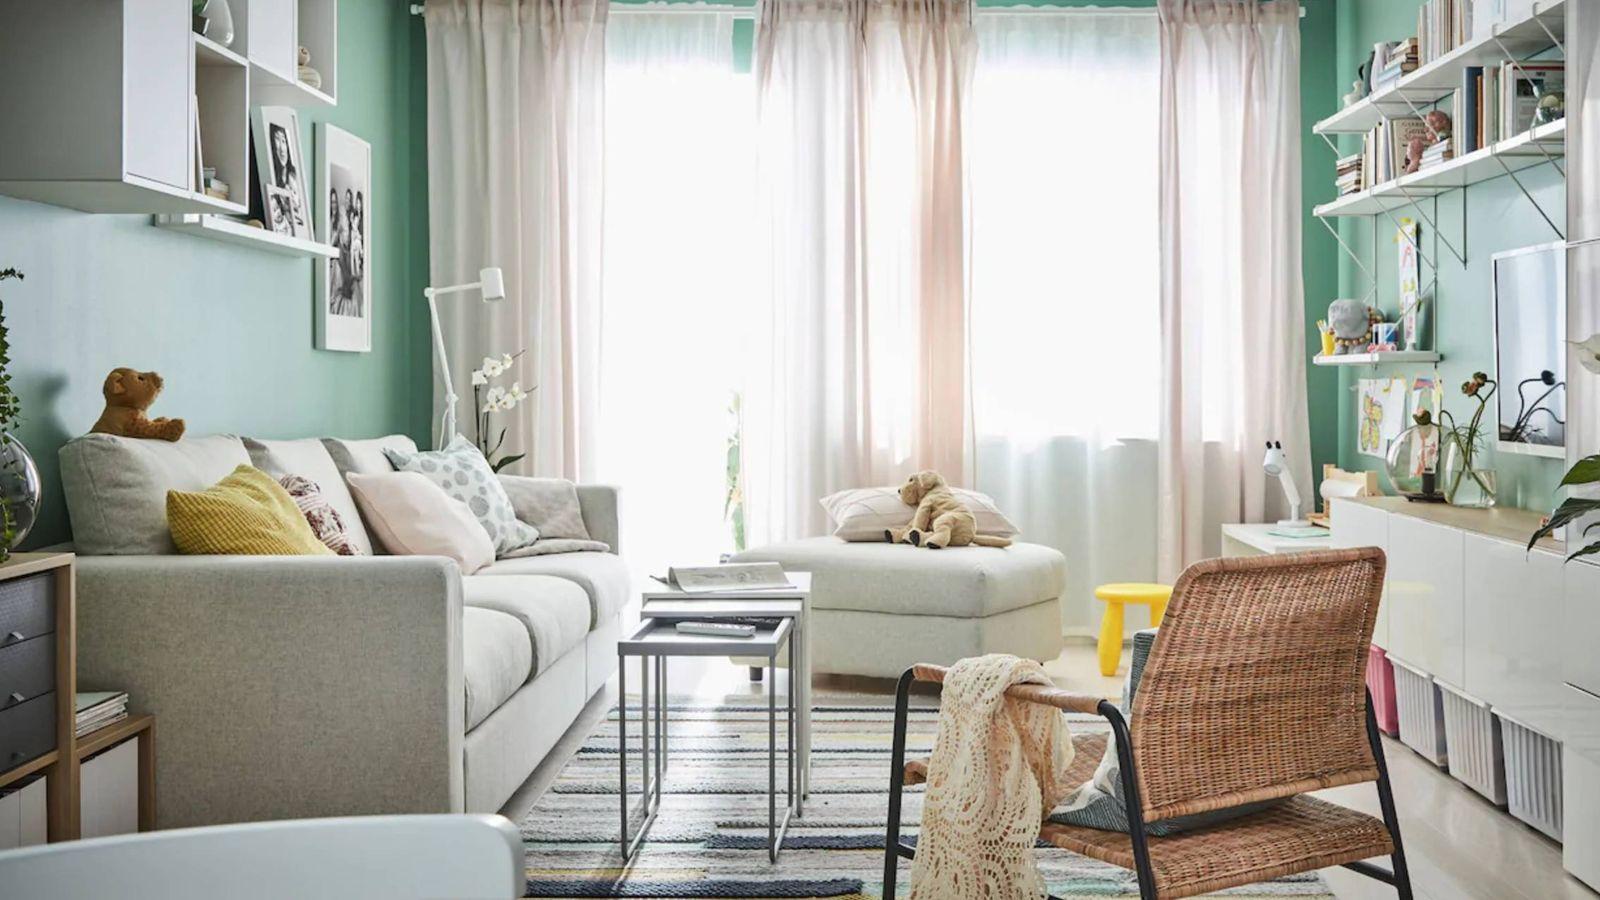 Foto: Ikea nos da una sencillas pautas para mantener el caos de tu casa en orden. (Cortesía)